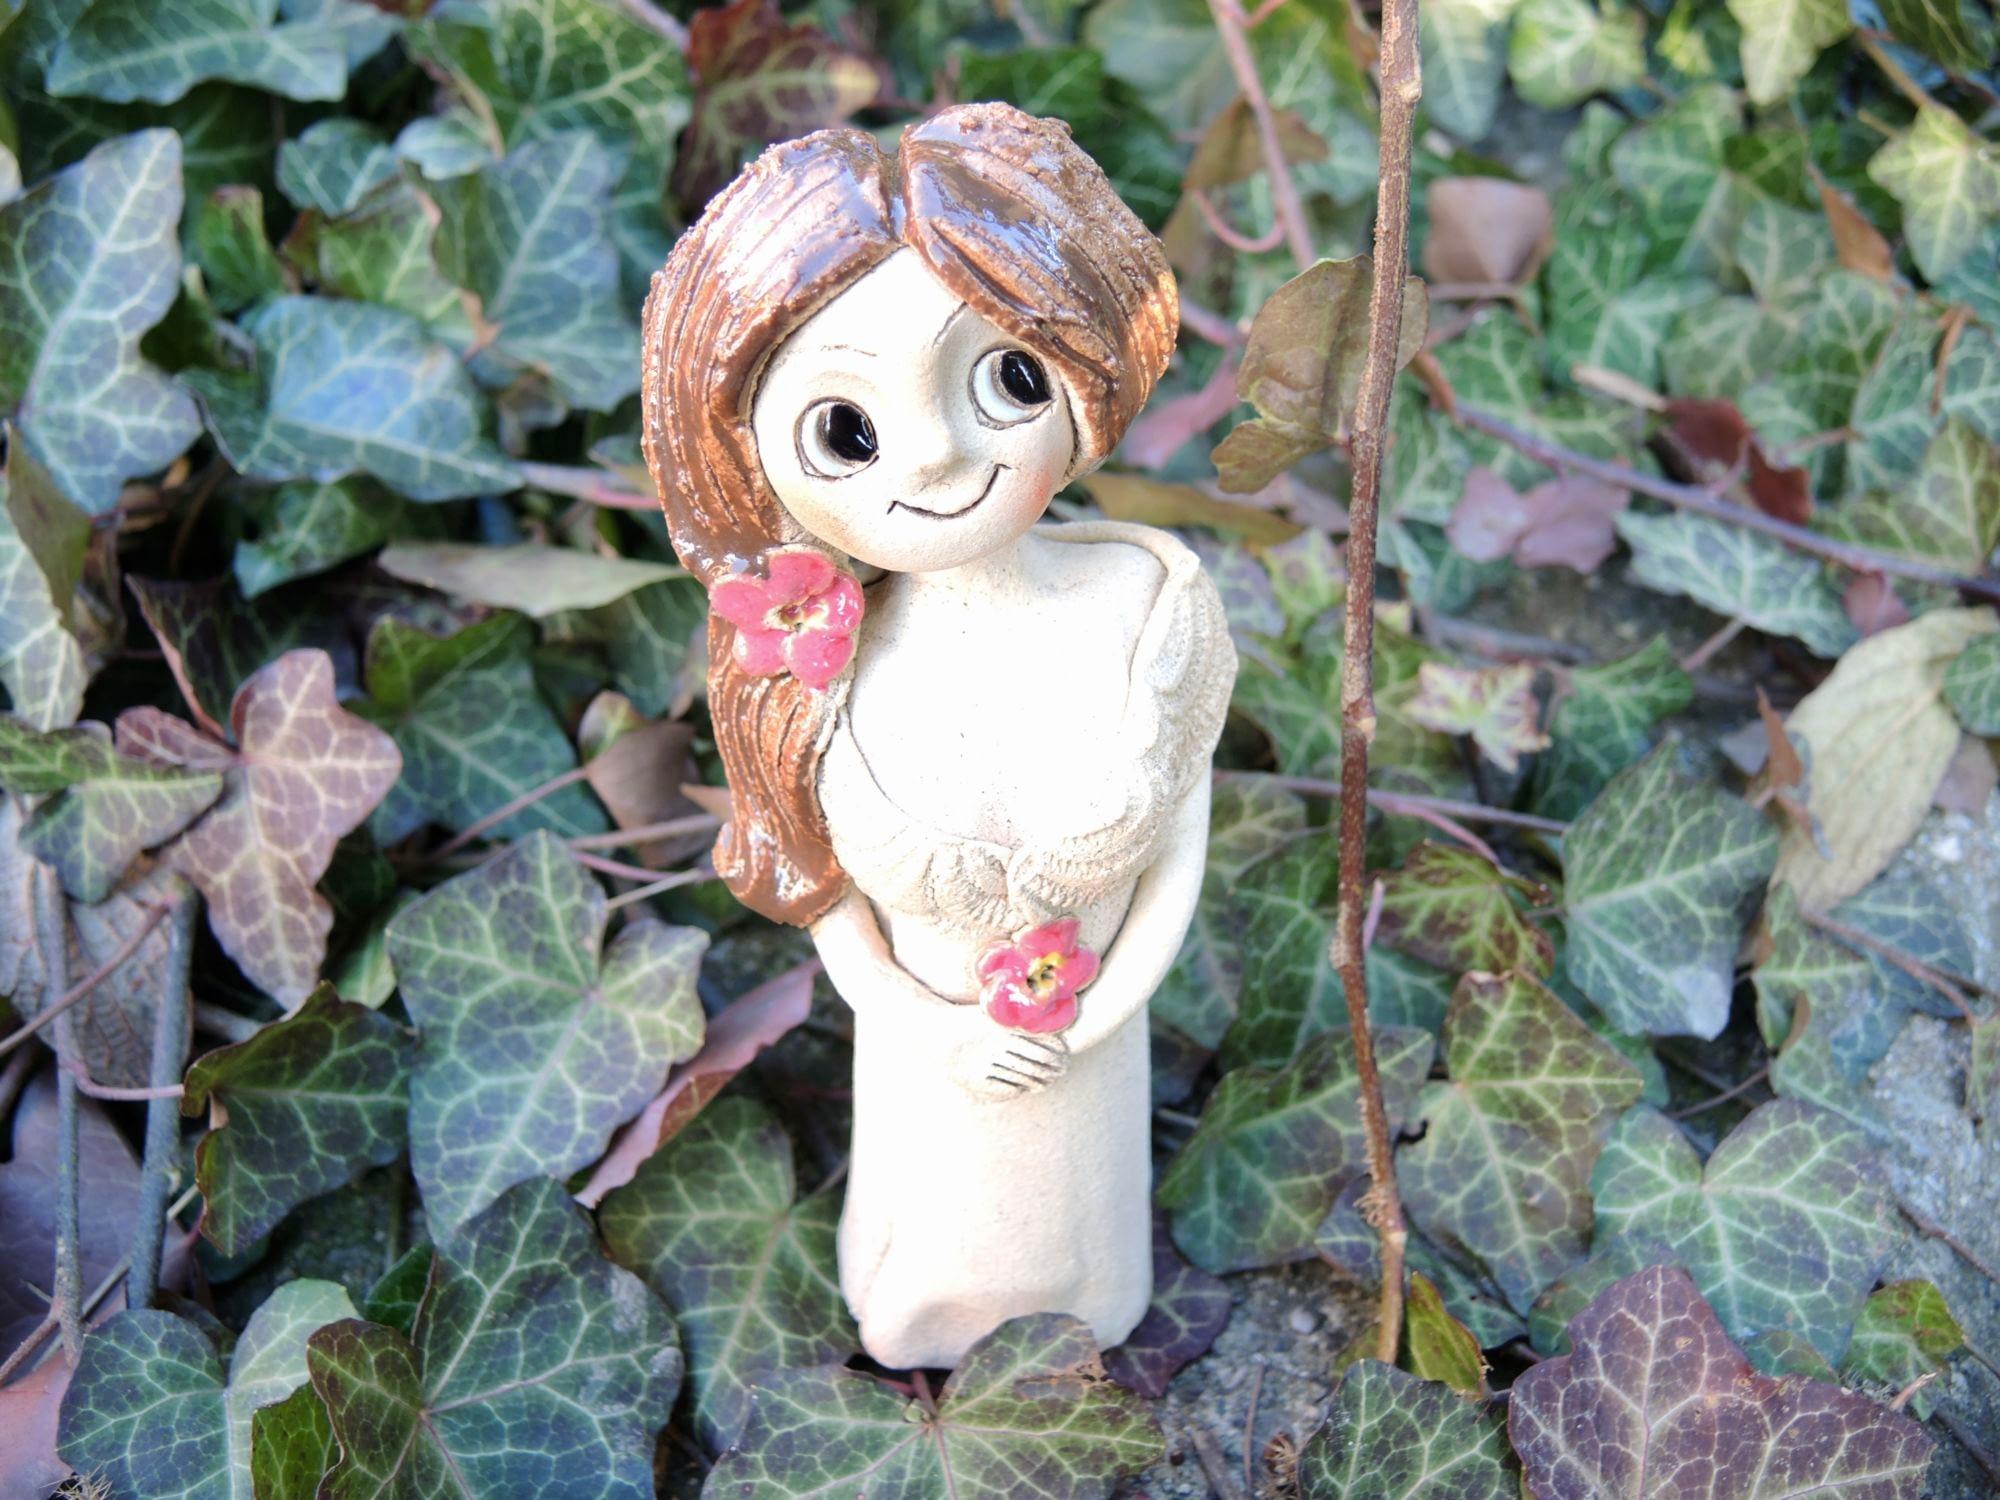 víla šípková růže květiny stojící dekorace zahrada dům keramika andee